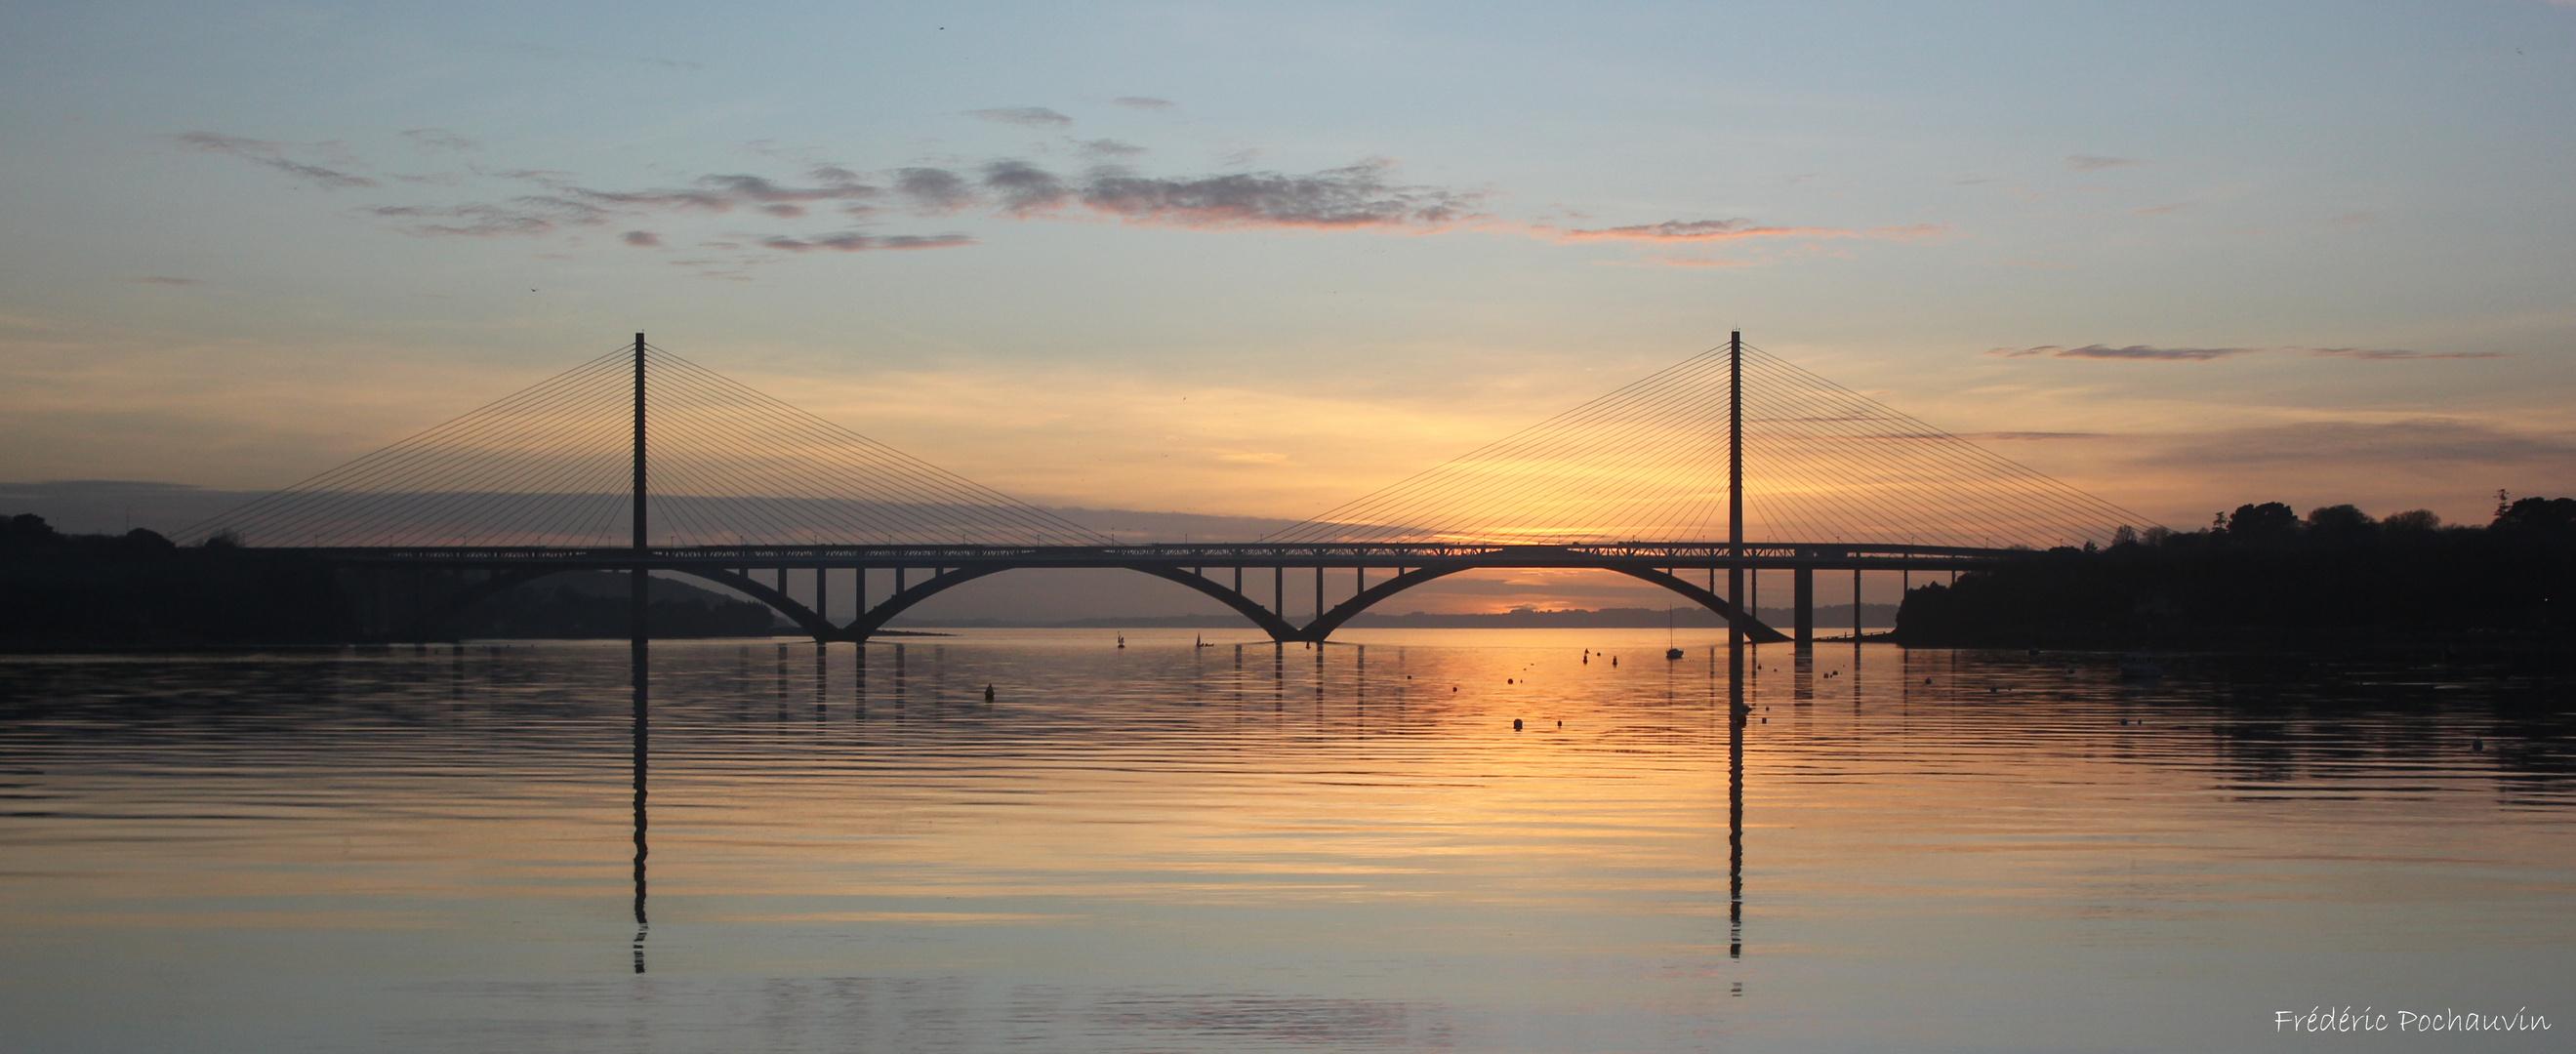 Le pont de l'Iroise au soleil couchant